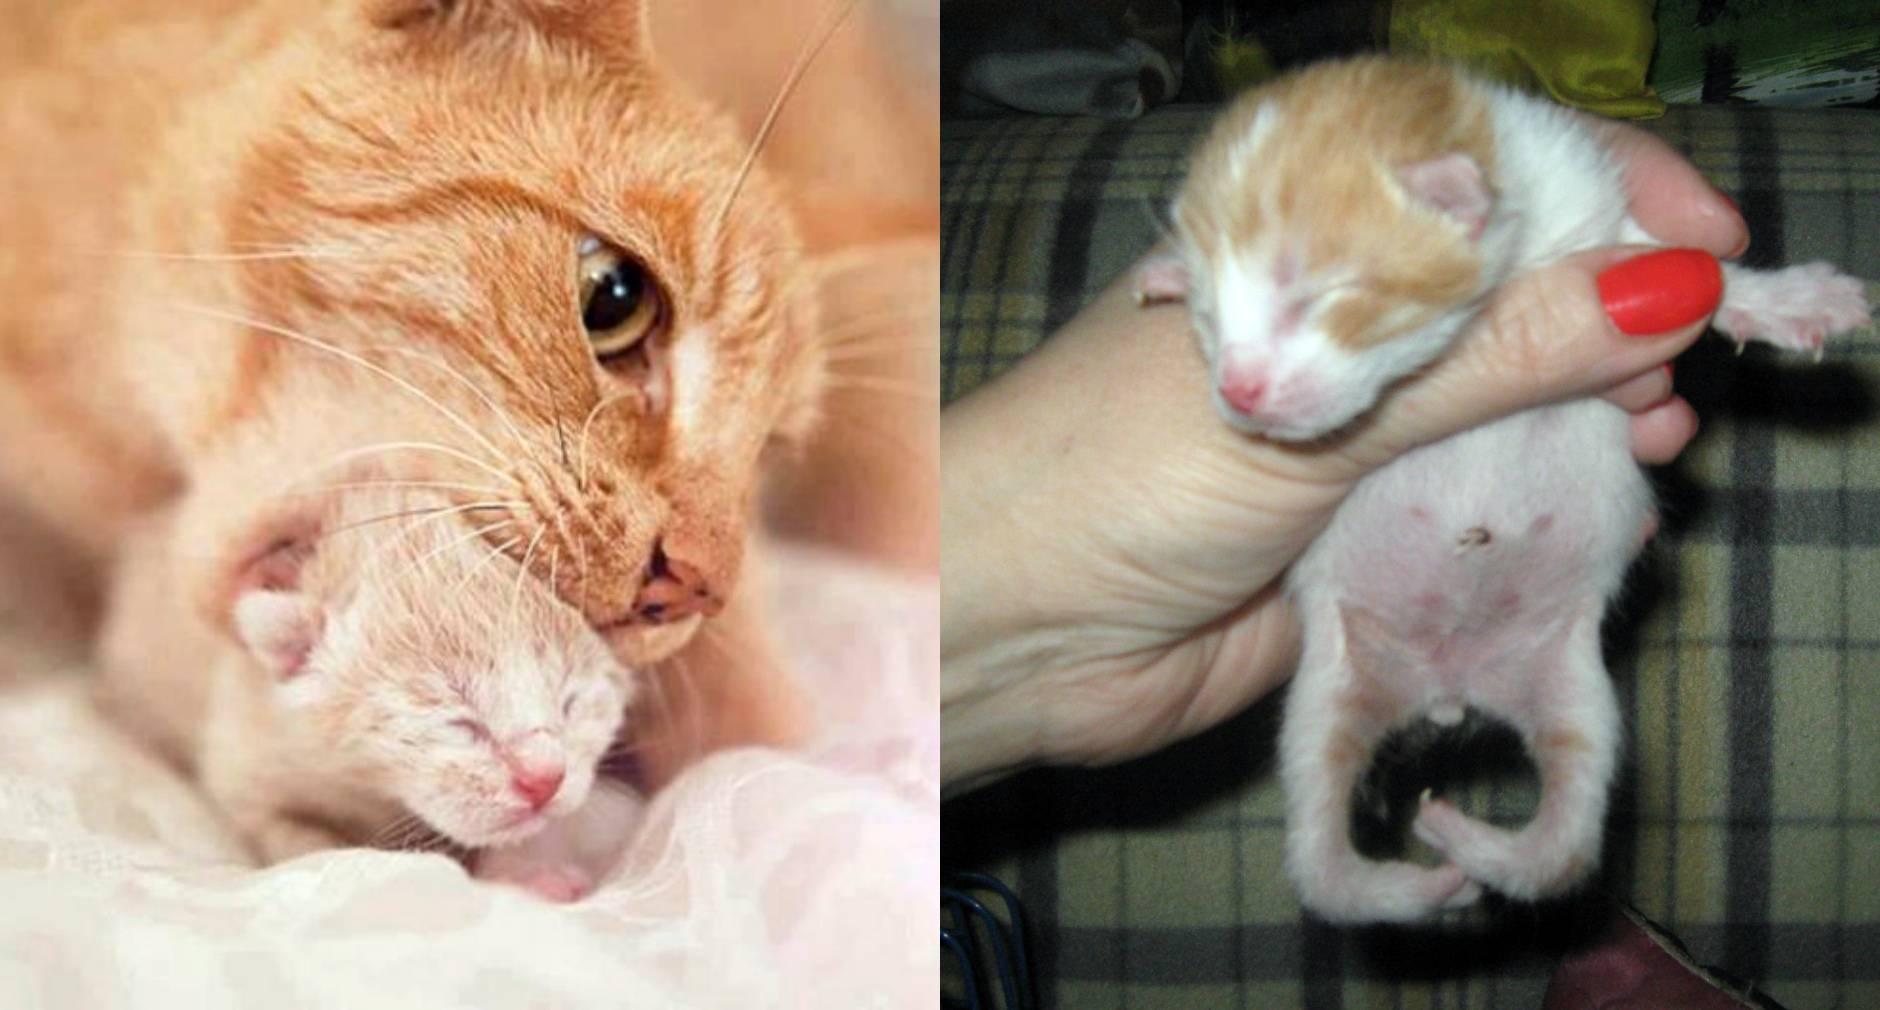 Кошка после родов беспокойная мяукает: кровяные выделения на второй день, что делать